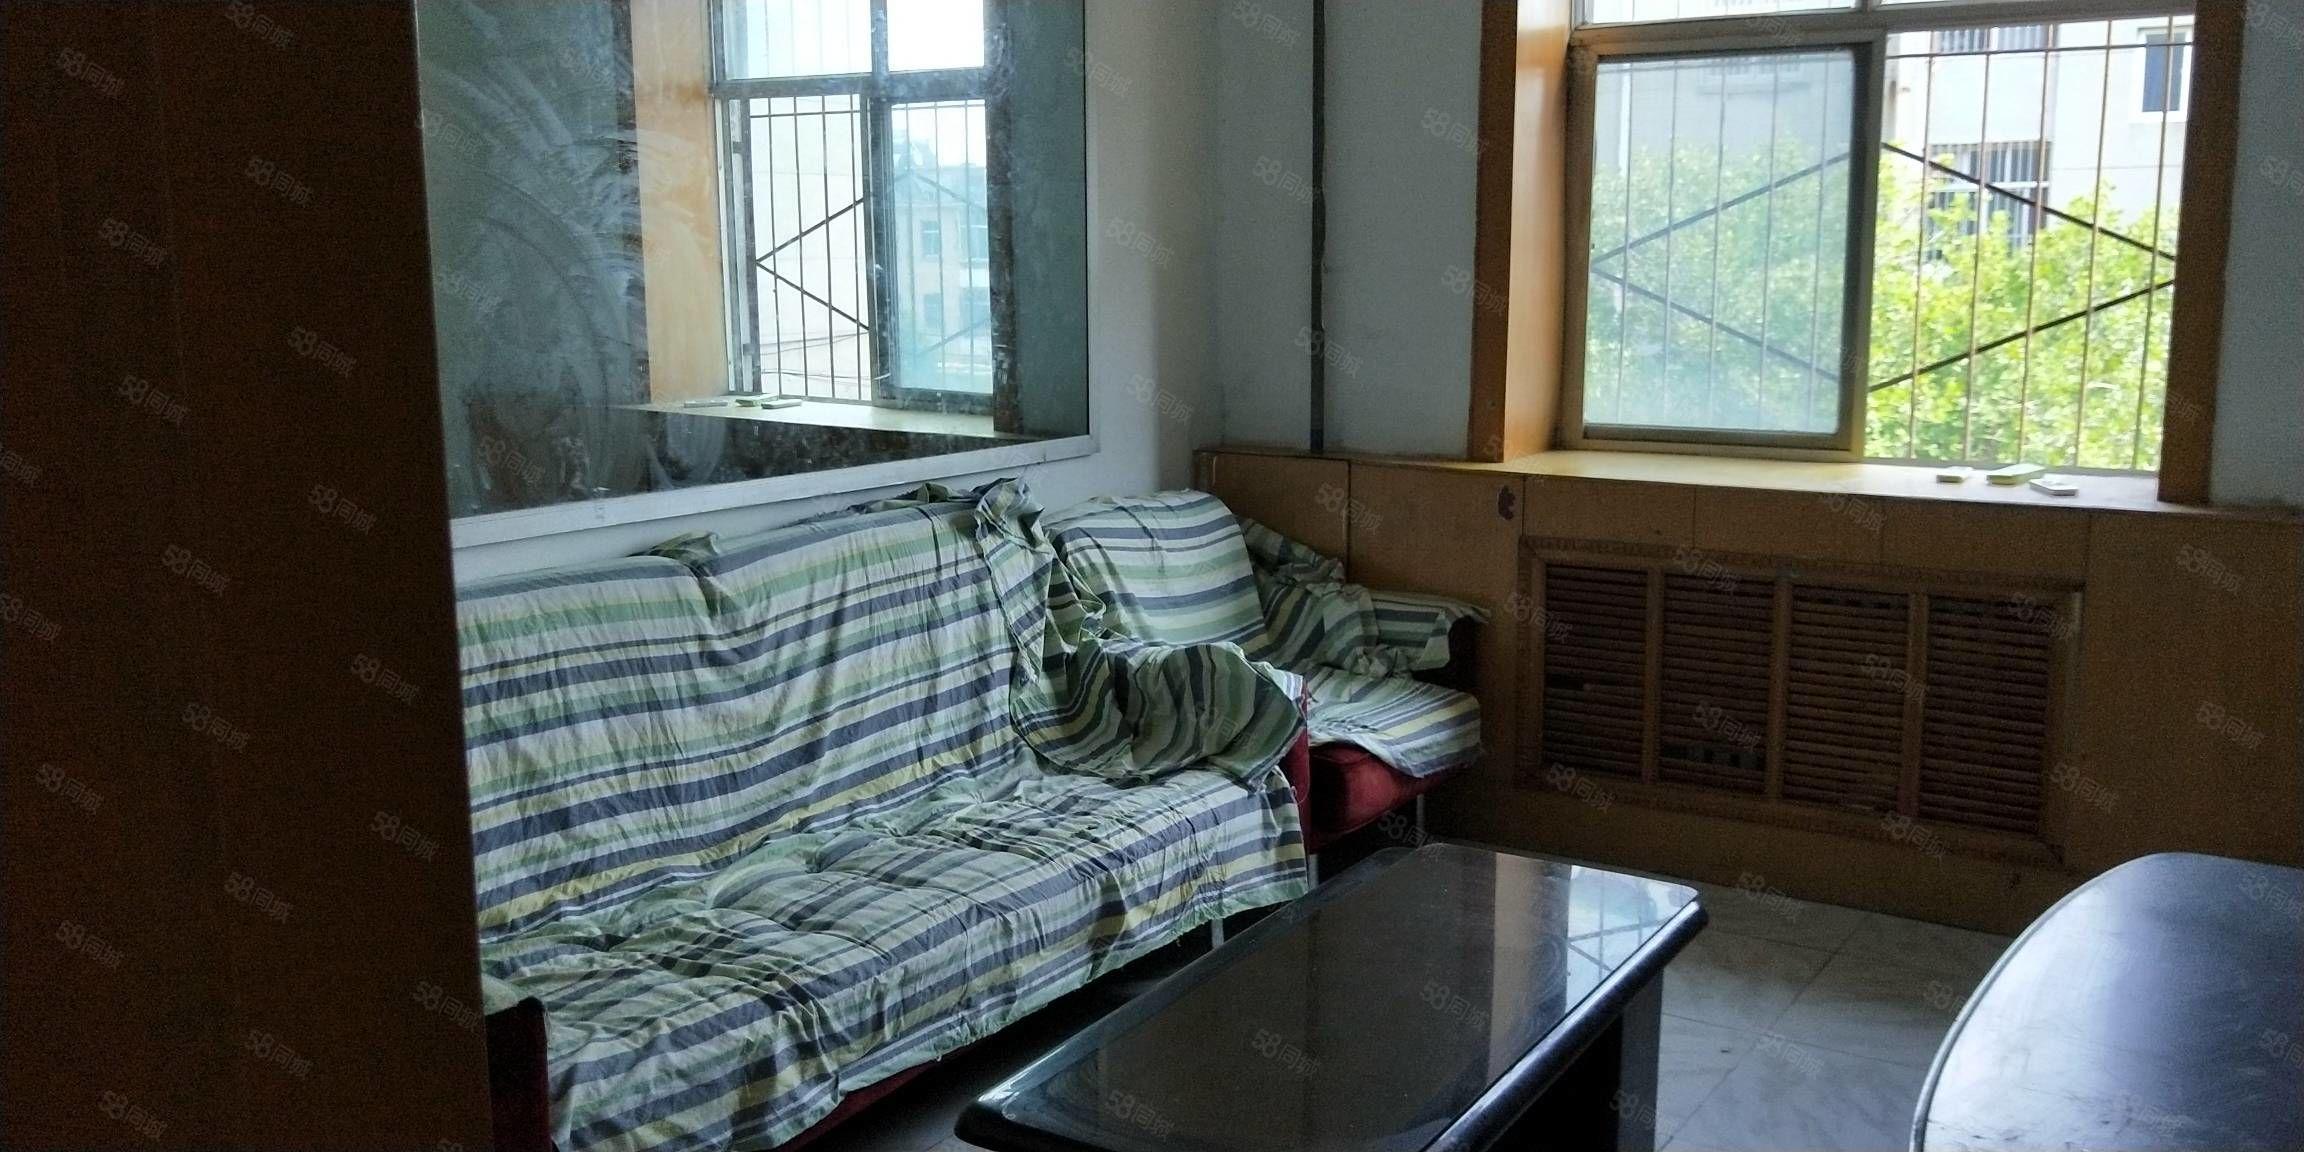 何瑞小区60型三楼年租6800元家具家电齐全房屋干净整洁